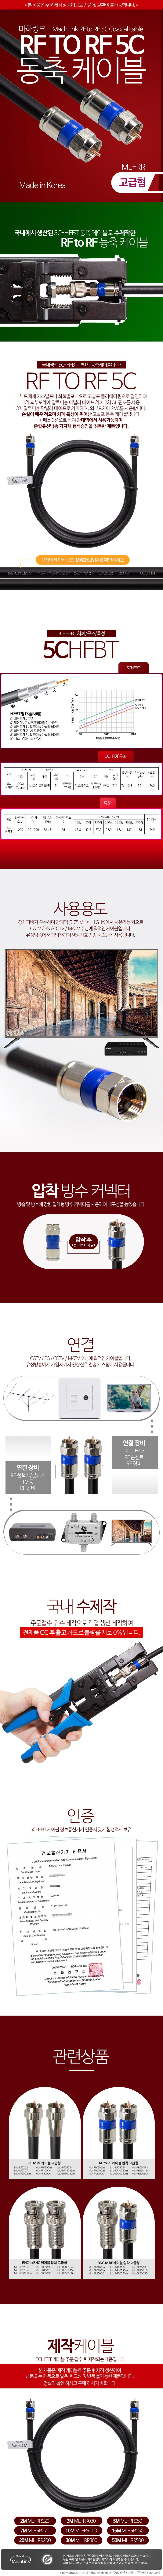 마하링크  RF to RF 5C 동축 케이블 (ML-RR)(5m)